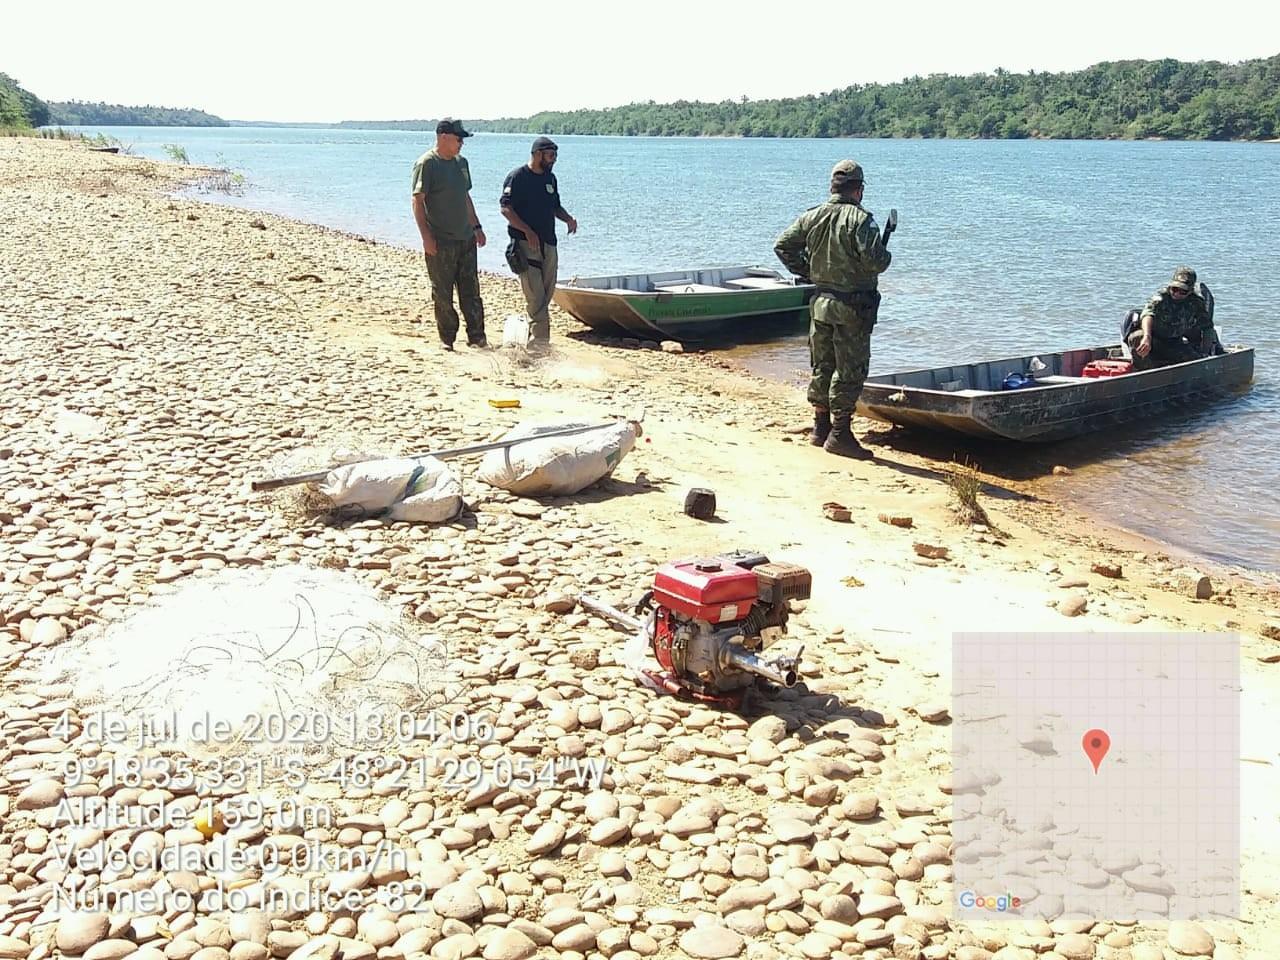 Operação apreende mais de 100 kg de peixe, jacaré abatido e materiais usados para pesca predatória